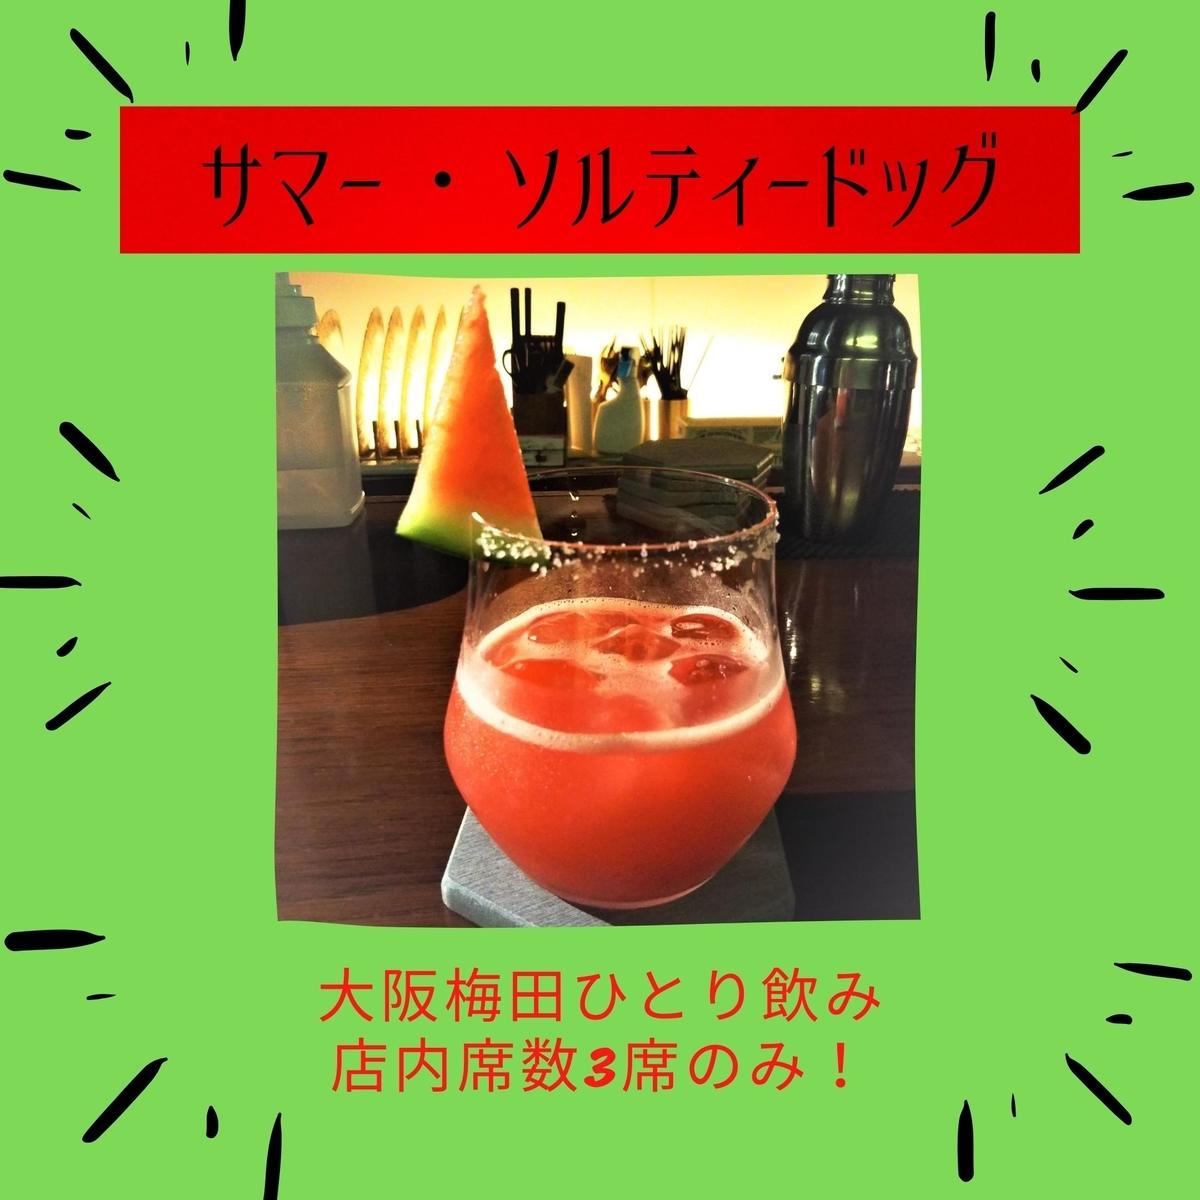 ダイエット効果、すいかのソルティードッグ、すいかで作るカクテル、大阪梅田一人飲みカフェアローンカフェバー運